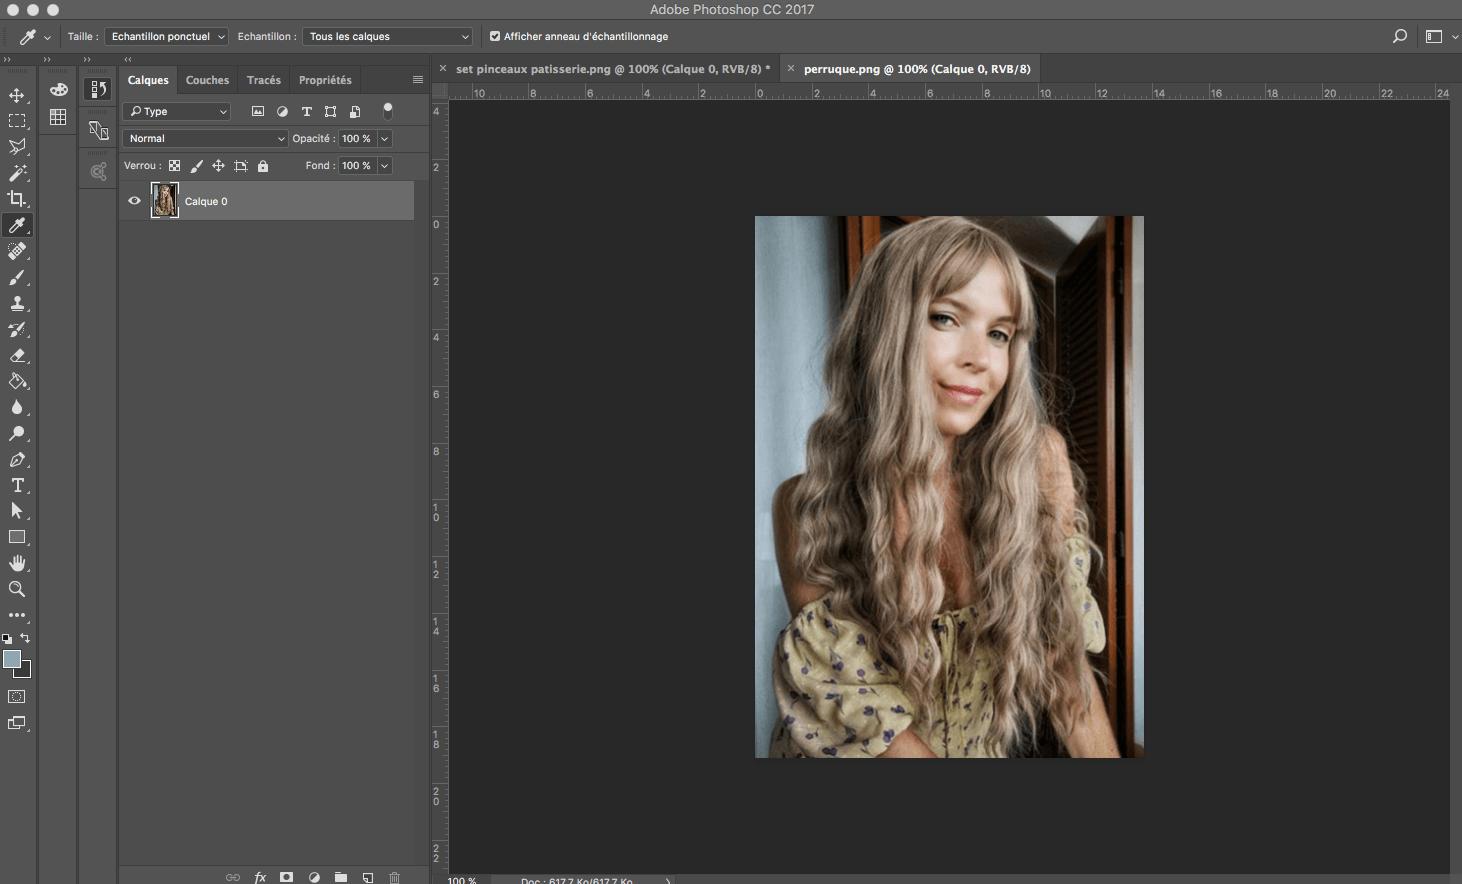 changer le fond d'une photo avec photoshop